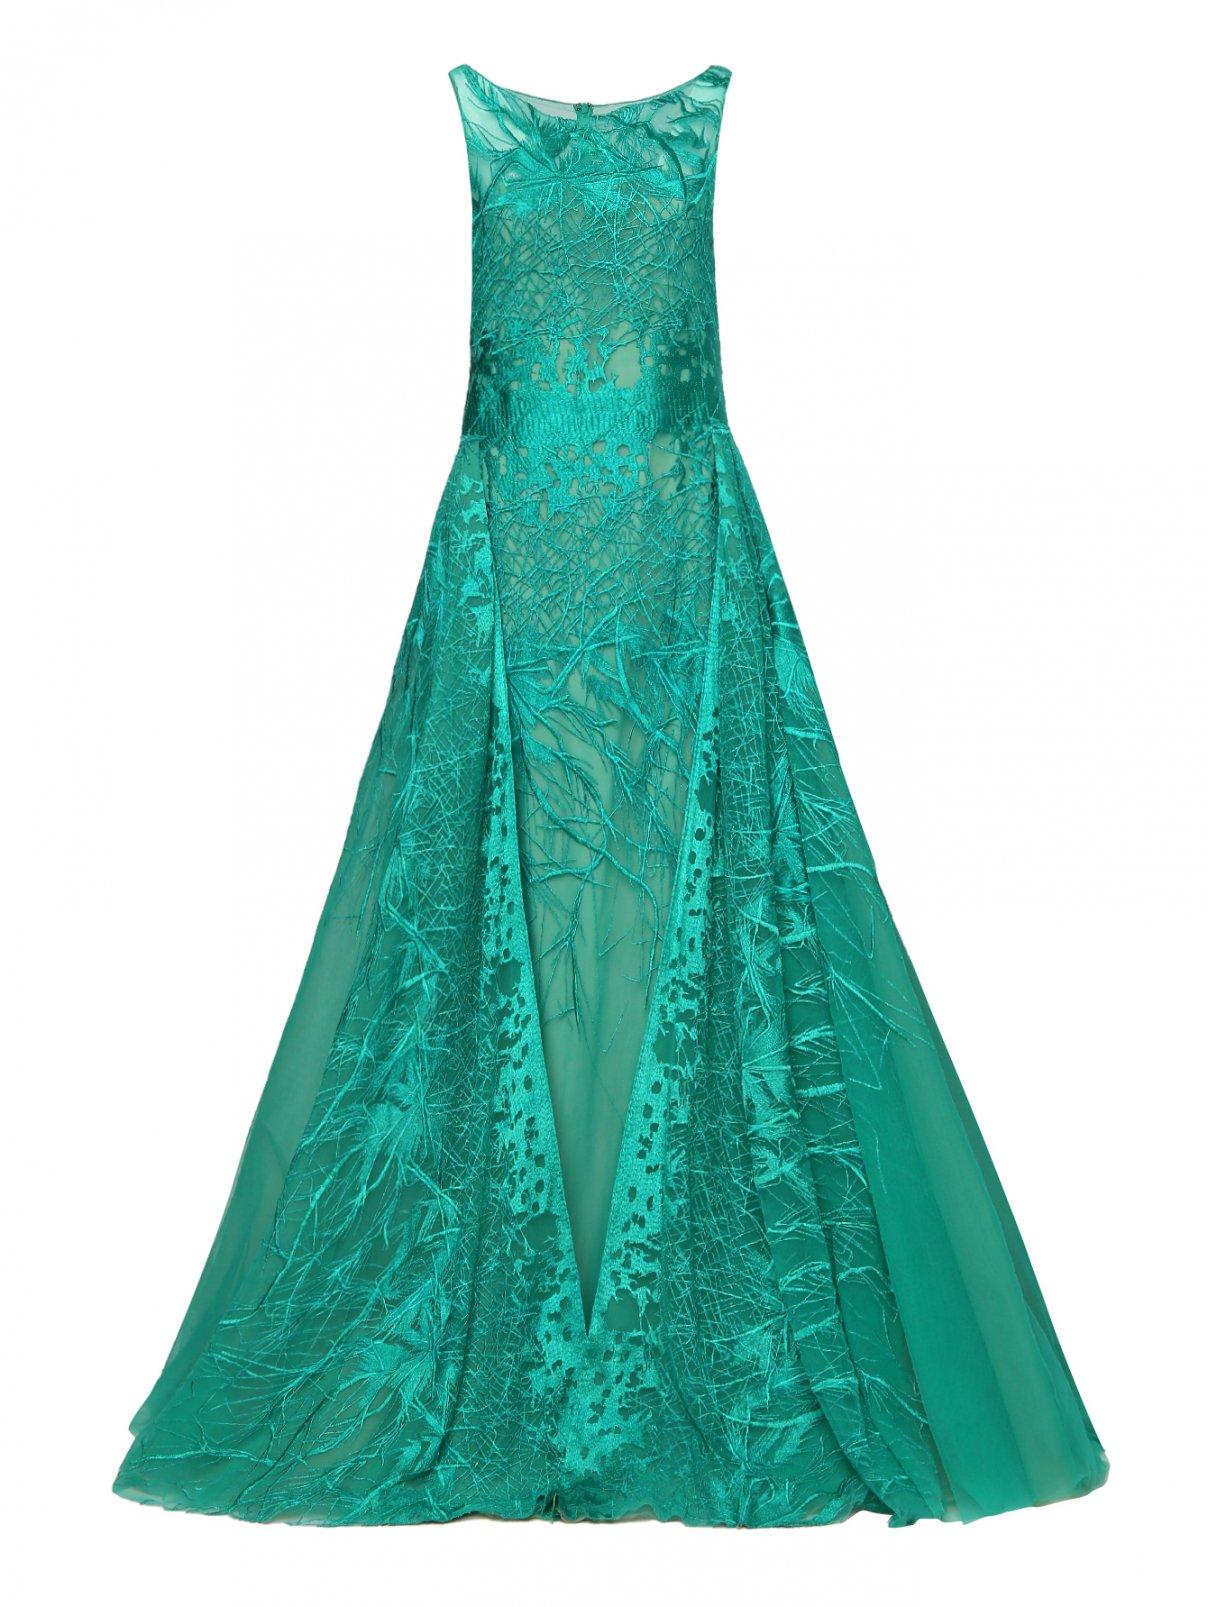 Платье-макси из шелка и сетки с вышивкой Tony Ward  –  Общий вид  – Цвет:  Зеленый